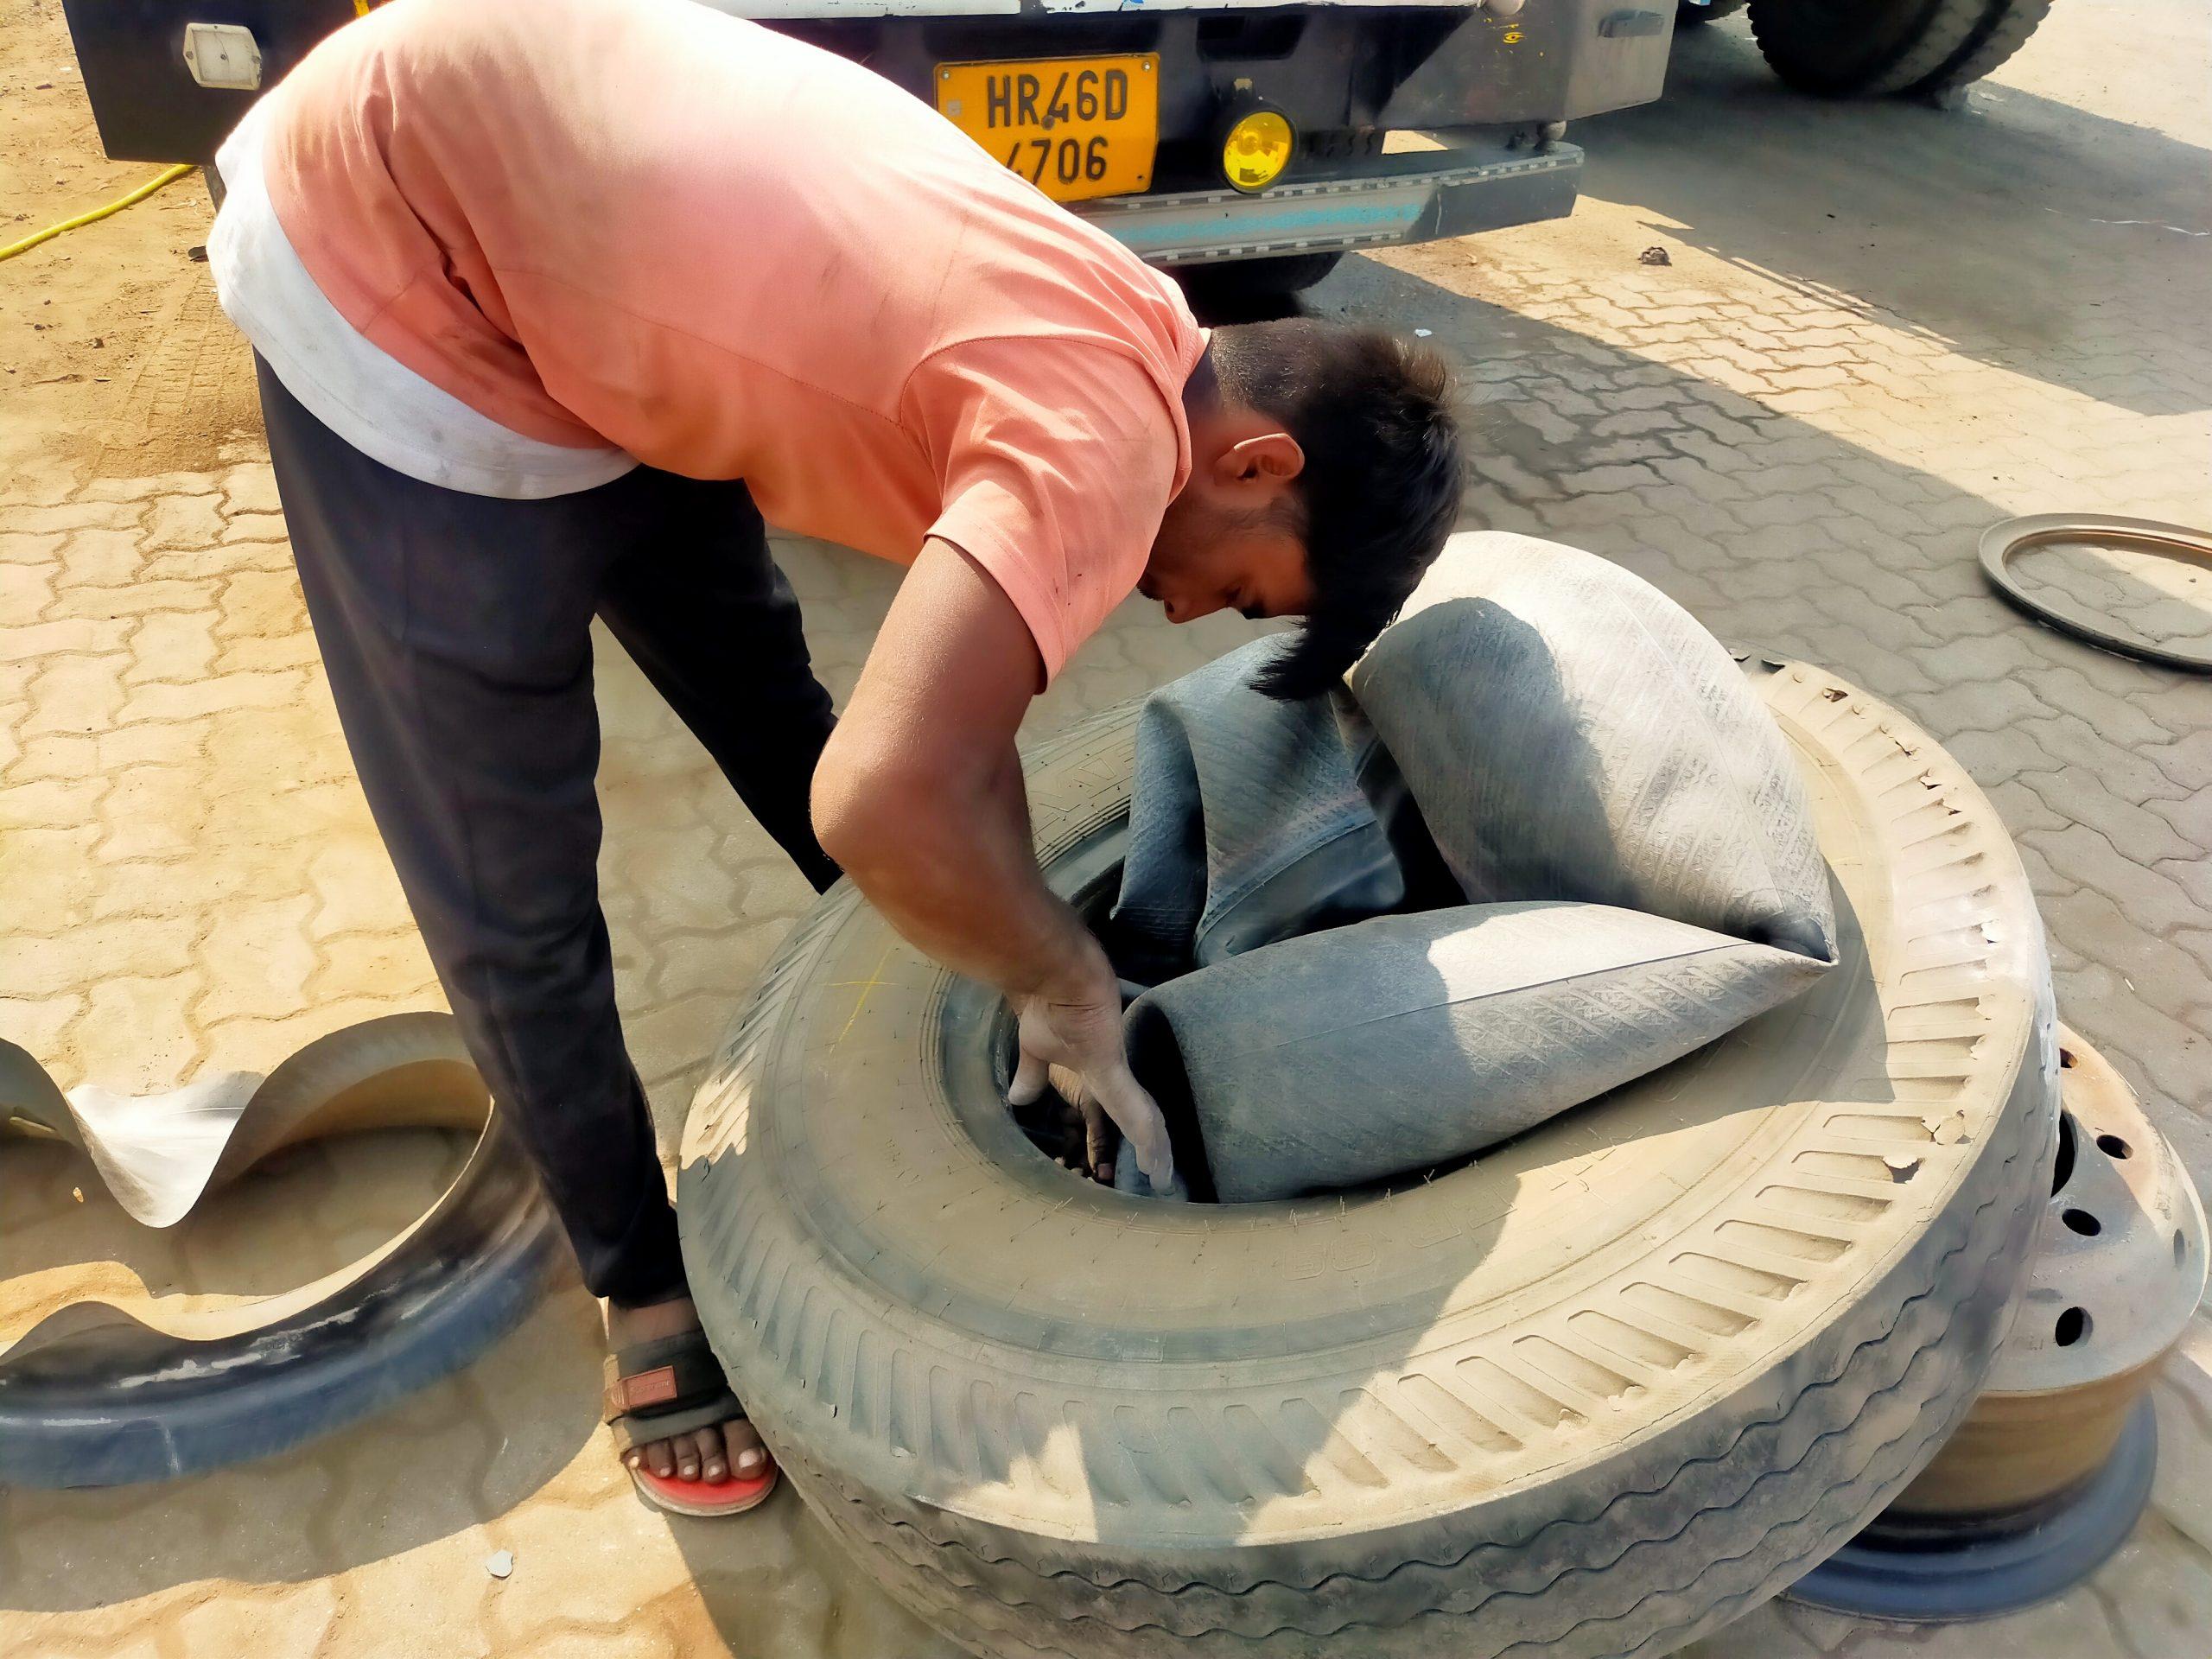 An auto mechanic repairing tyre tube